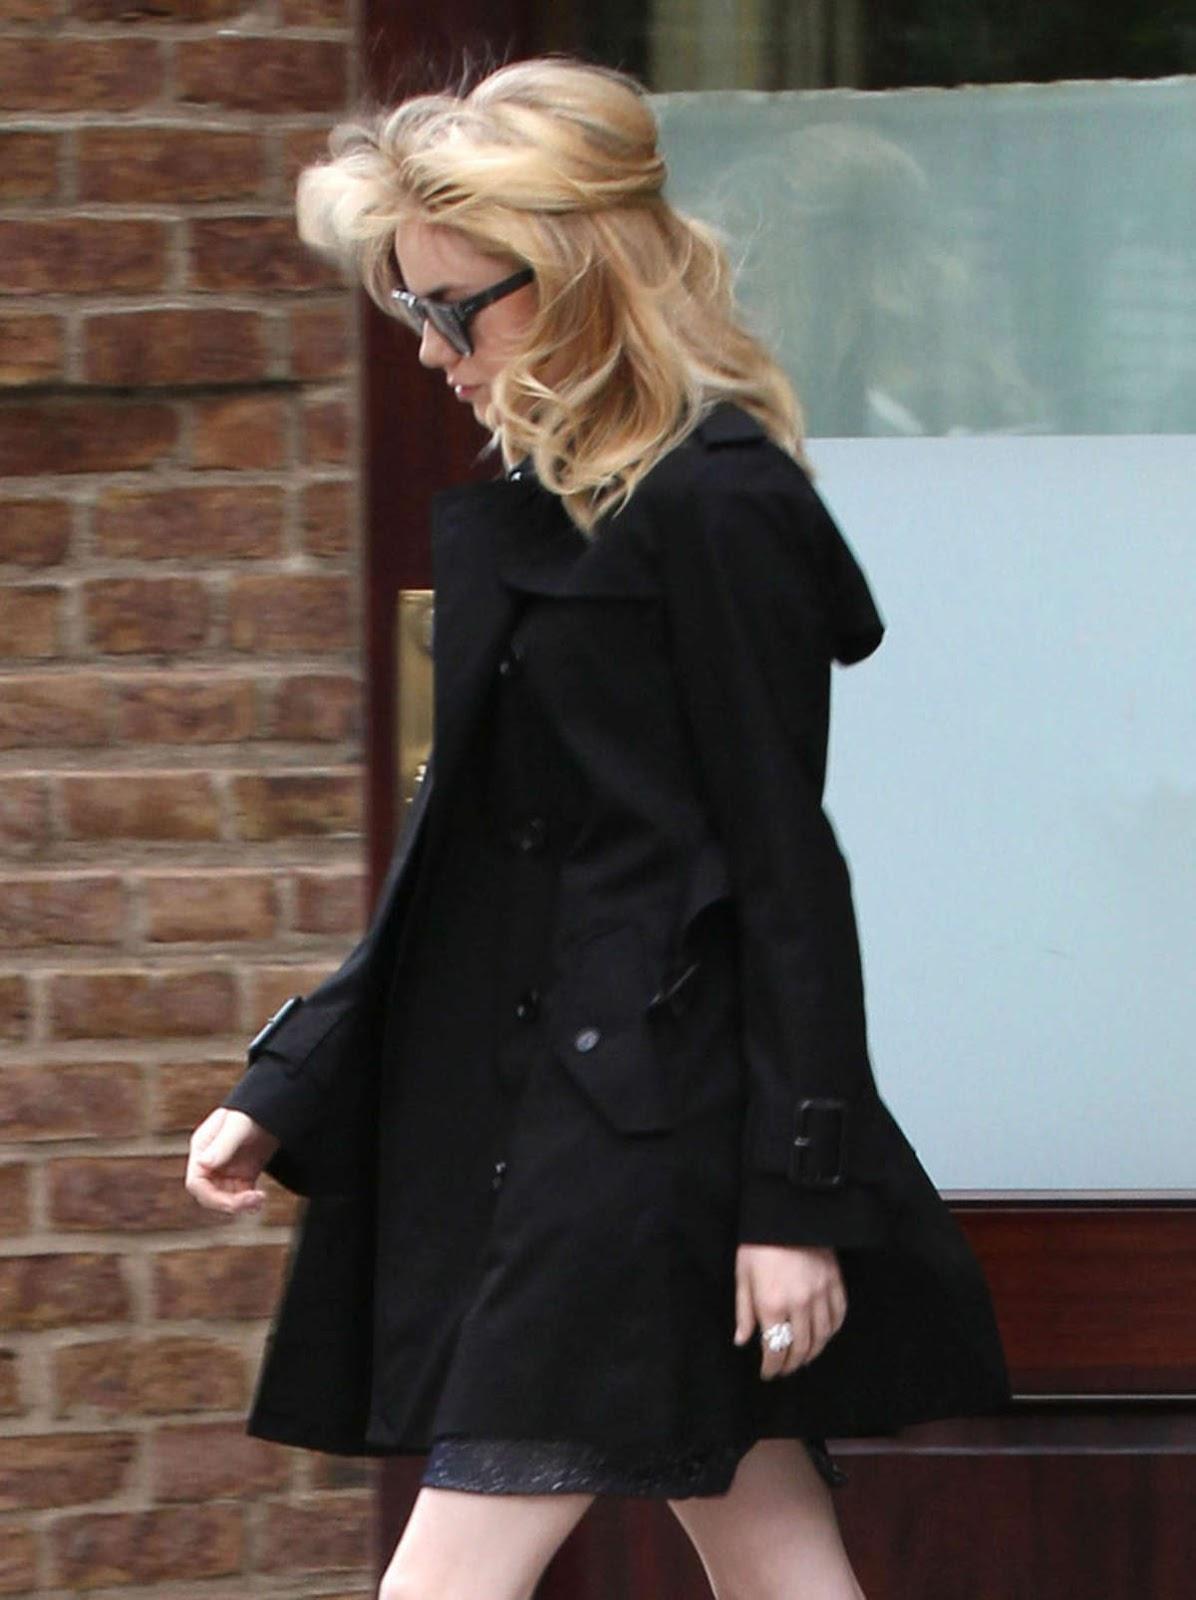 http://1.bp.blogspot.com/-qdxq7nN52TY/T-3IMSAfqlI/AAAAAAAAHxU/aIMqmP_8Txs/s1600/Emma+Stone+Candids+-+Leaving+Her+Hotel+In+New+York+05.jpg